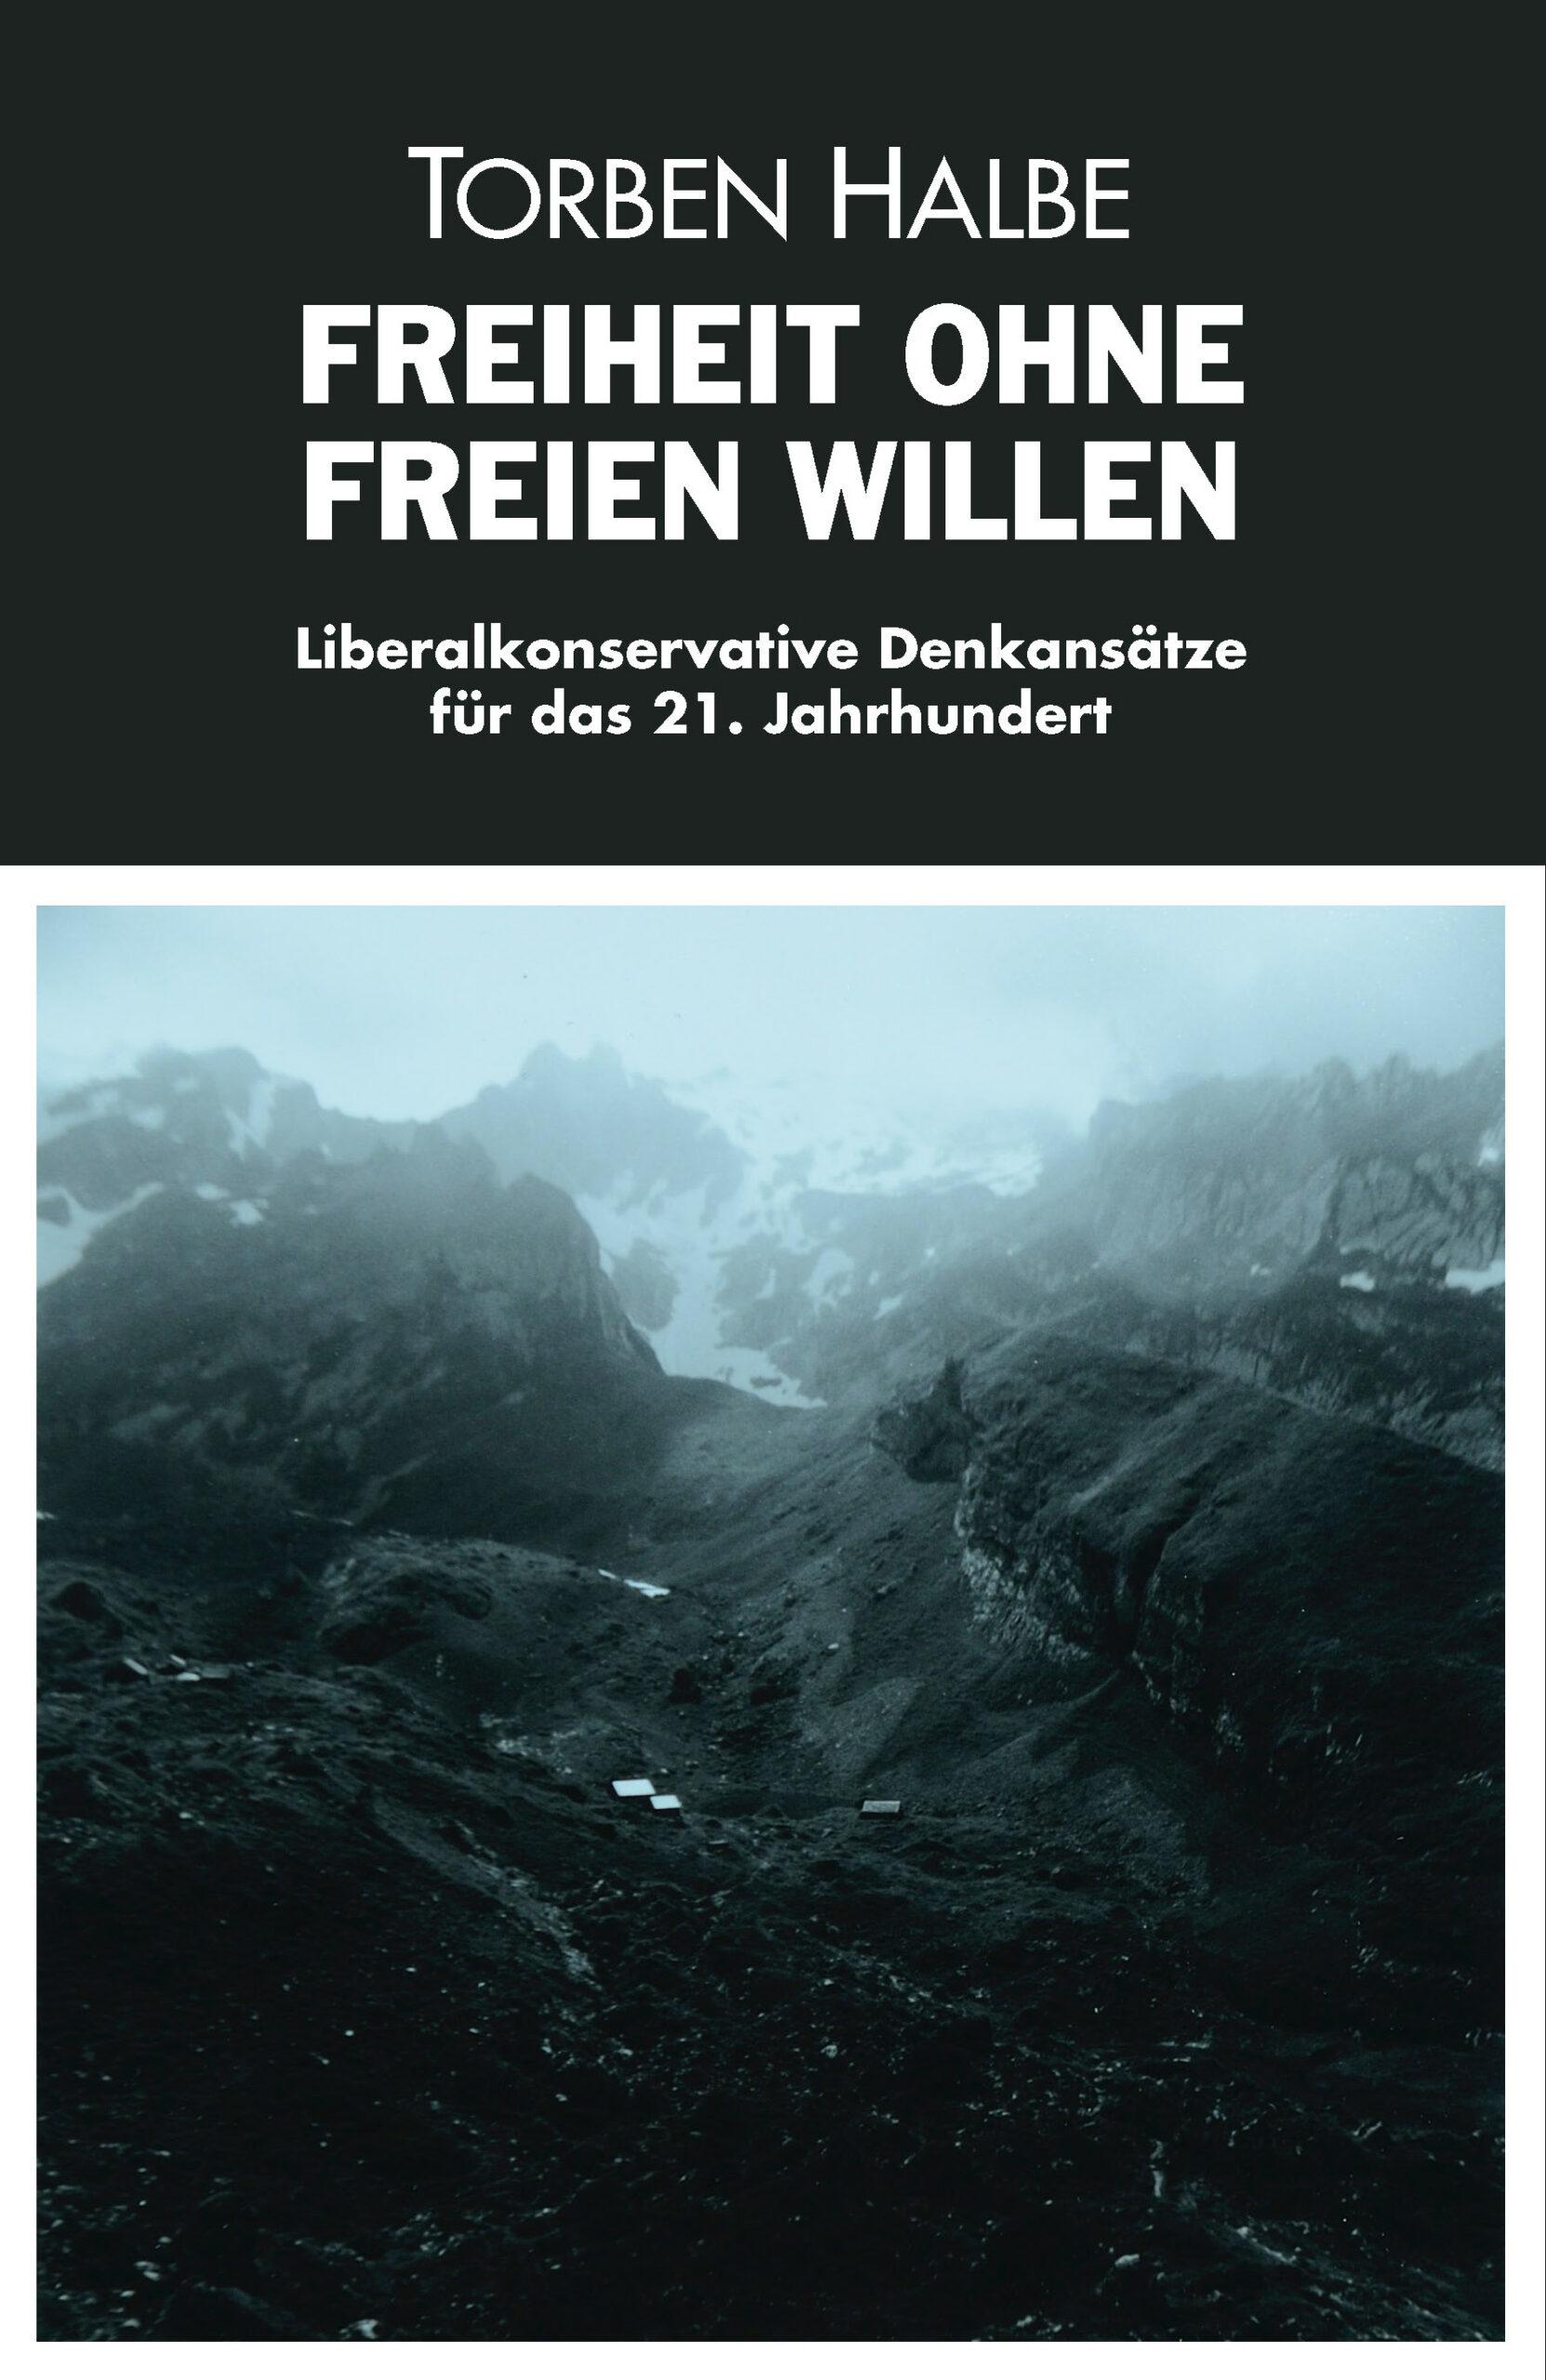 FREIHEIT OHNE FREIEN WILLEN